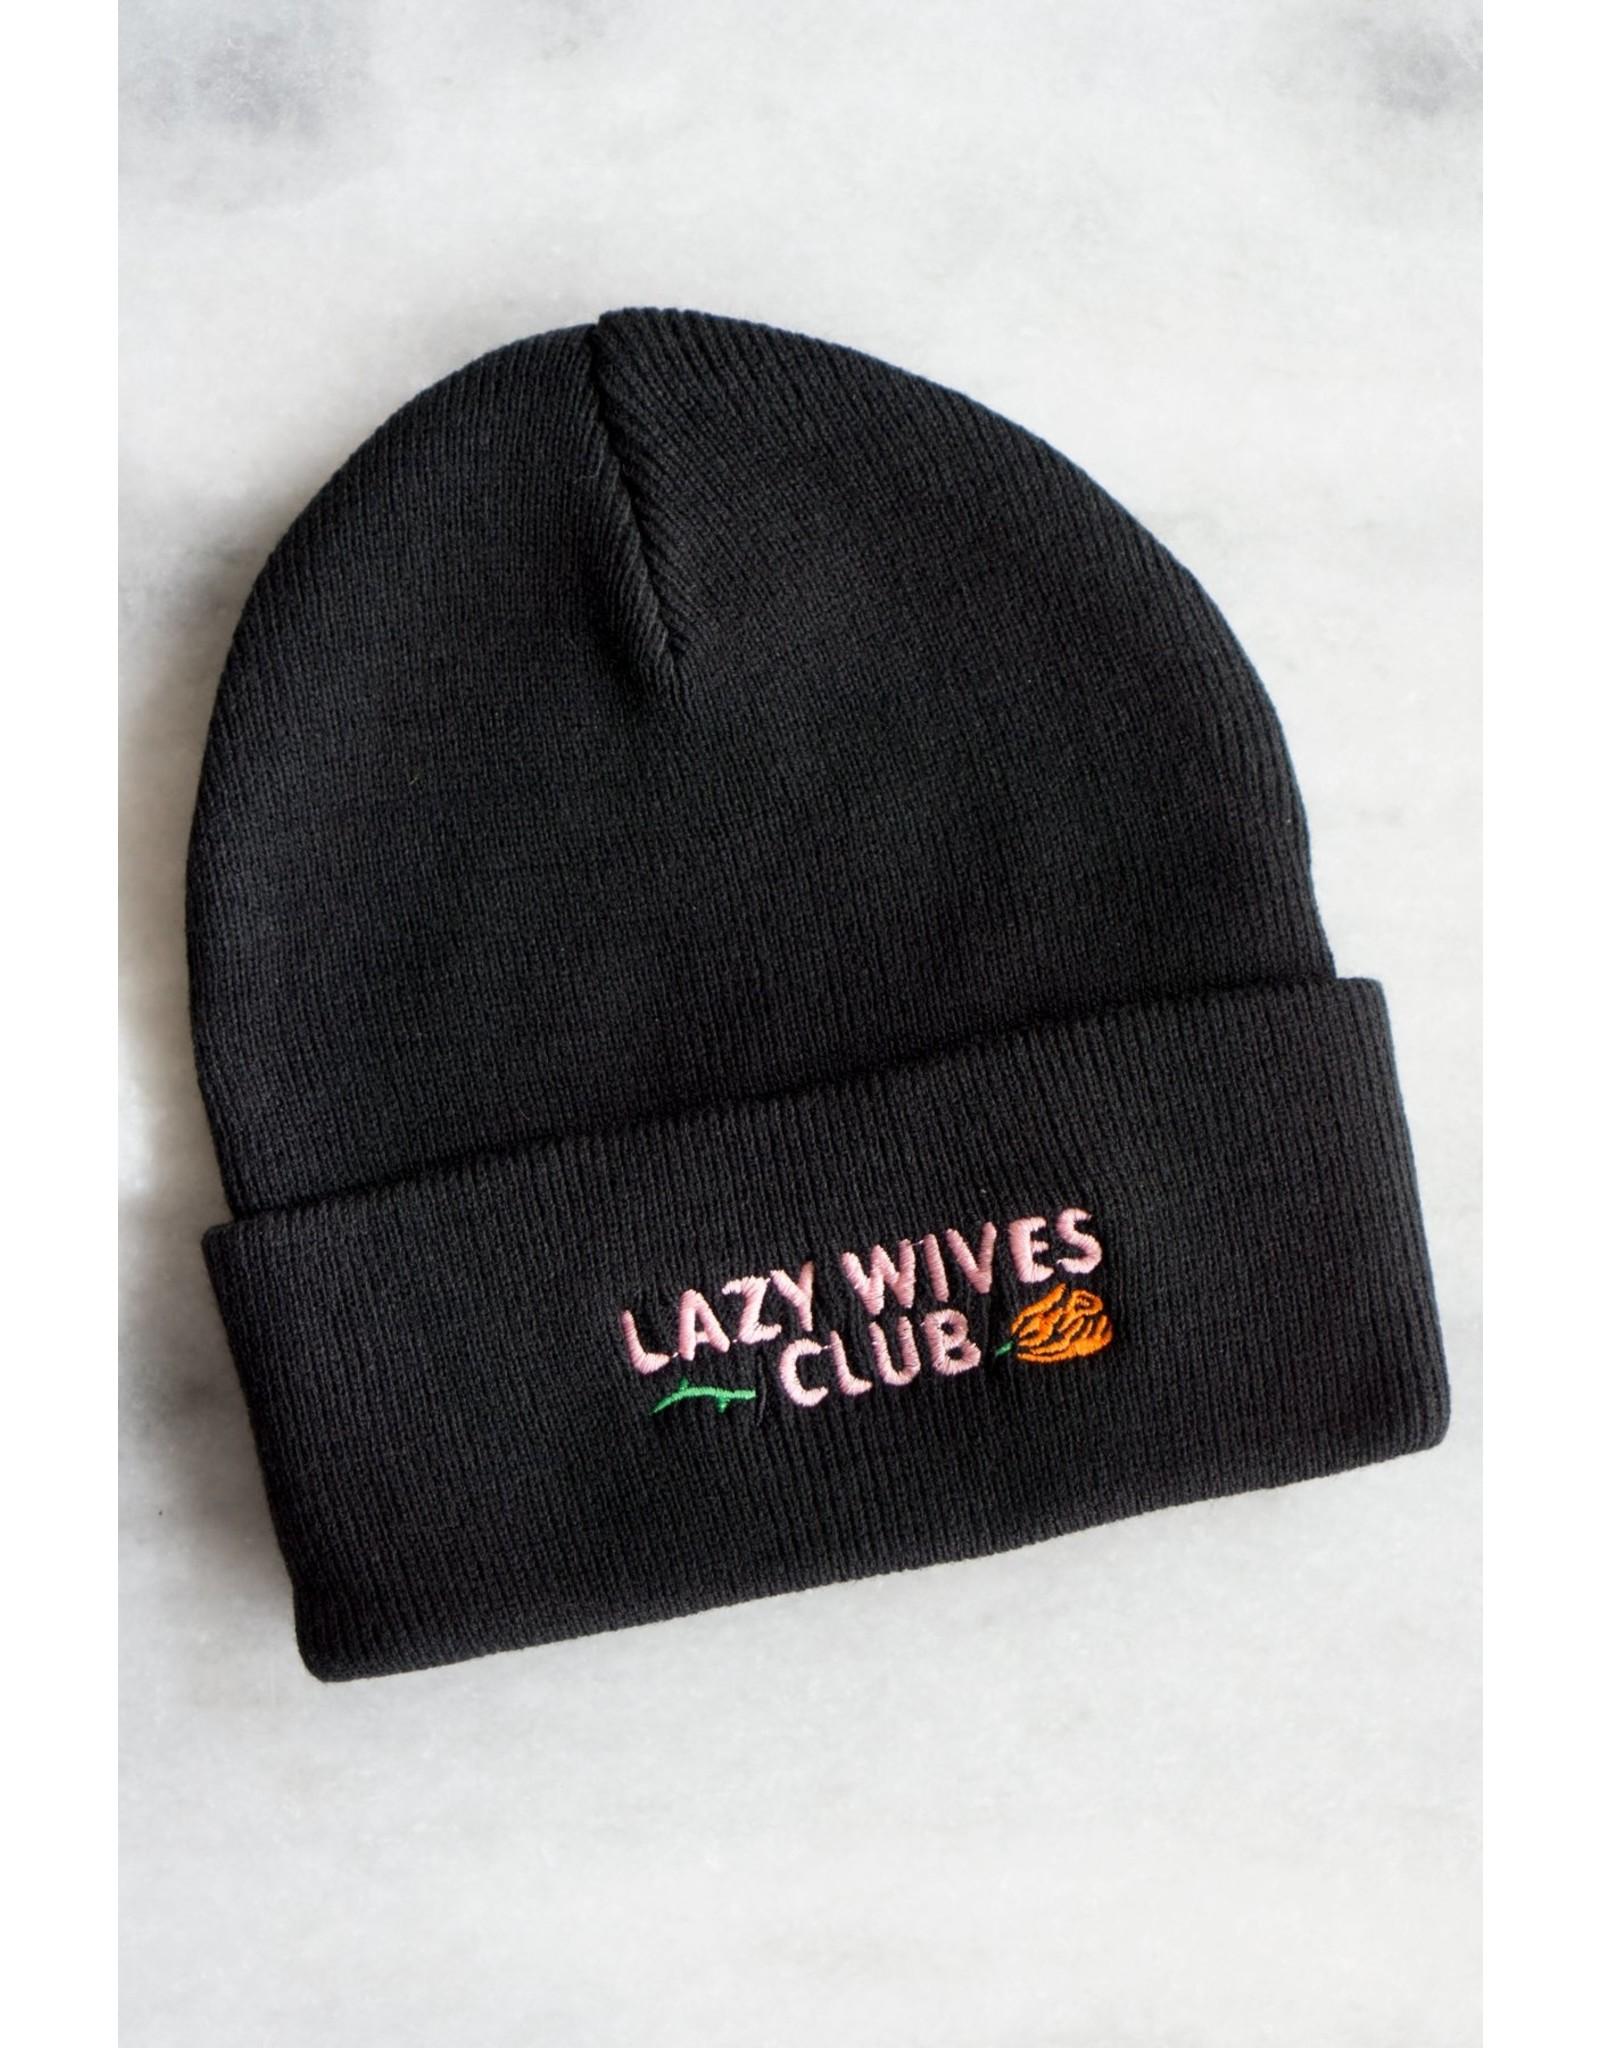 Stay Home Club Lazy Wives Club Beanie